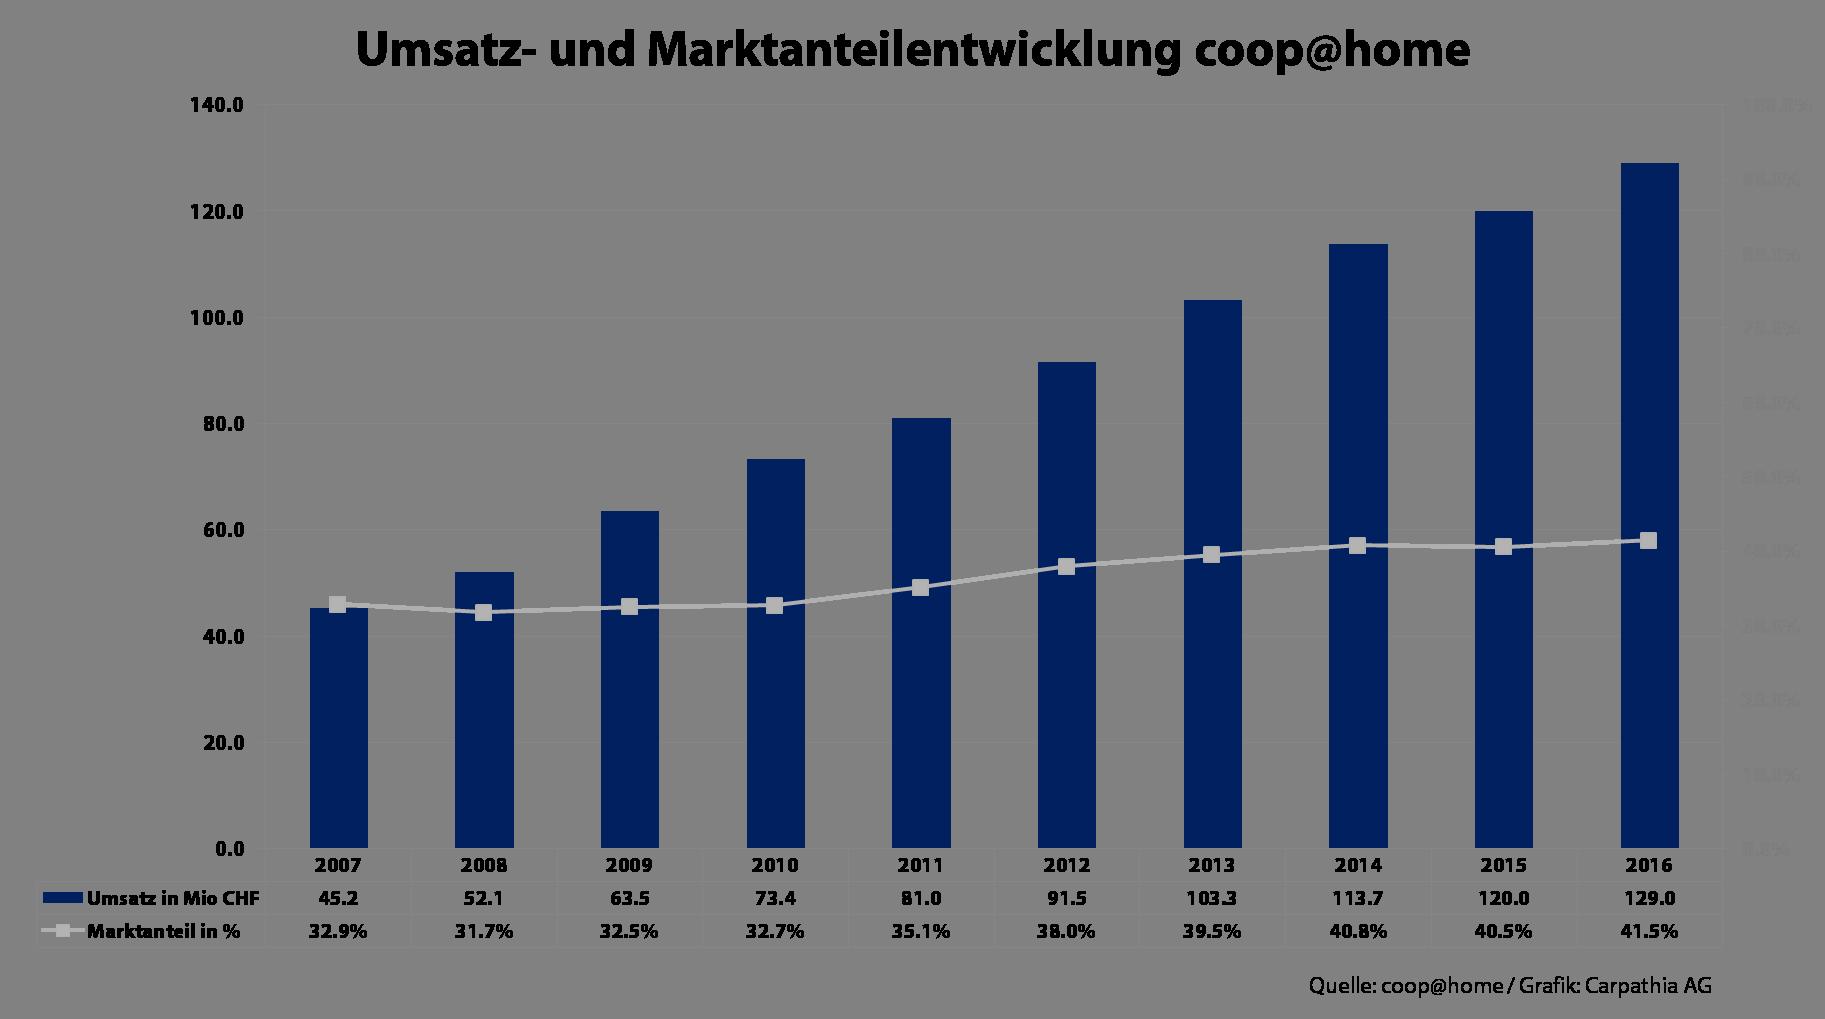 Umsatz- und Marktentwicklung coop@home - Grafik Carpathia AG - Quelle: coop@home